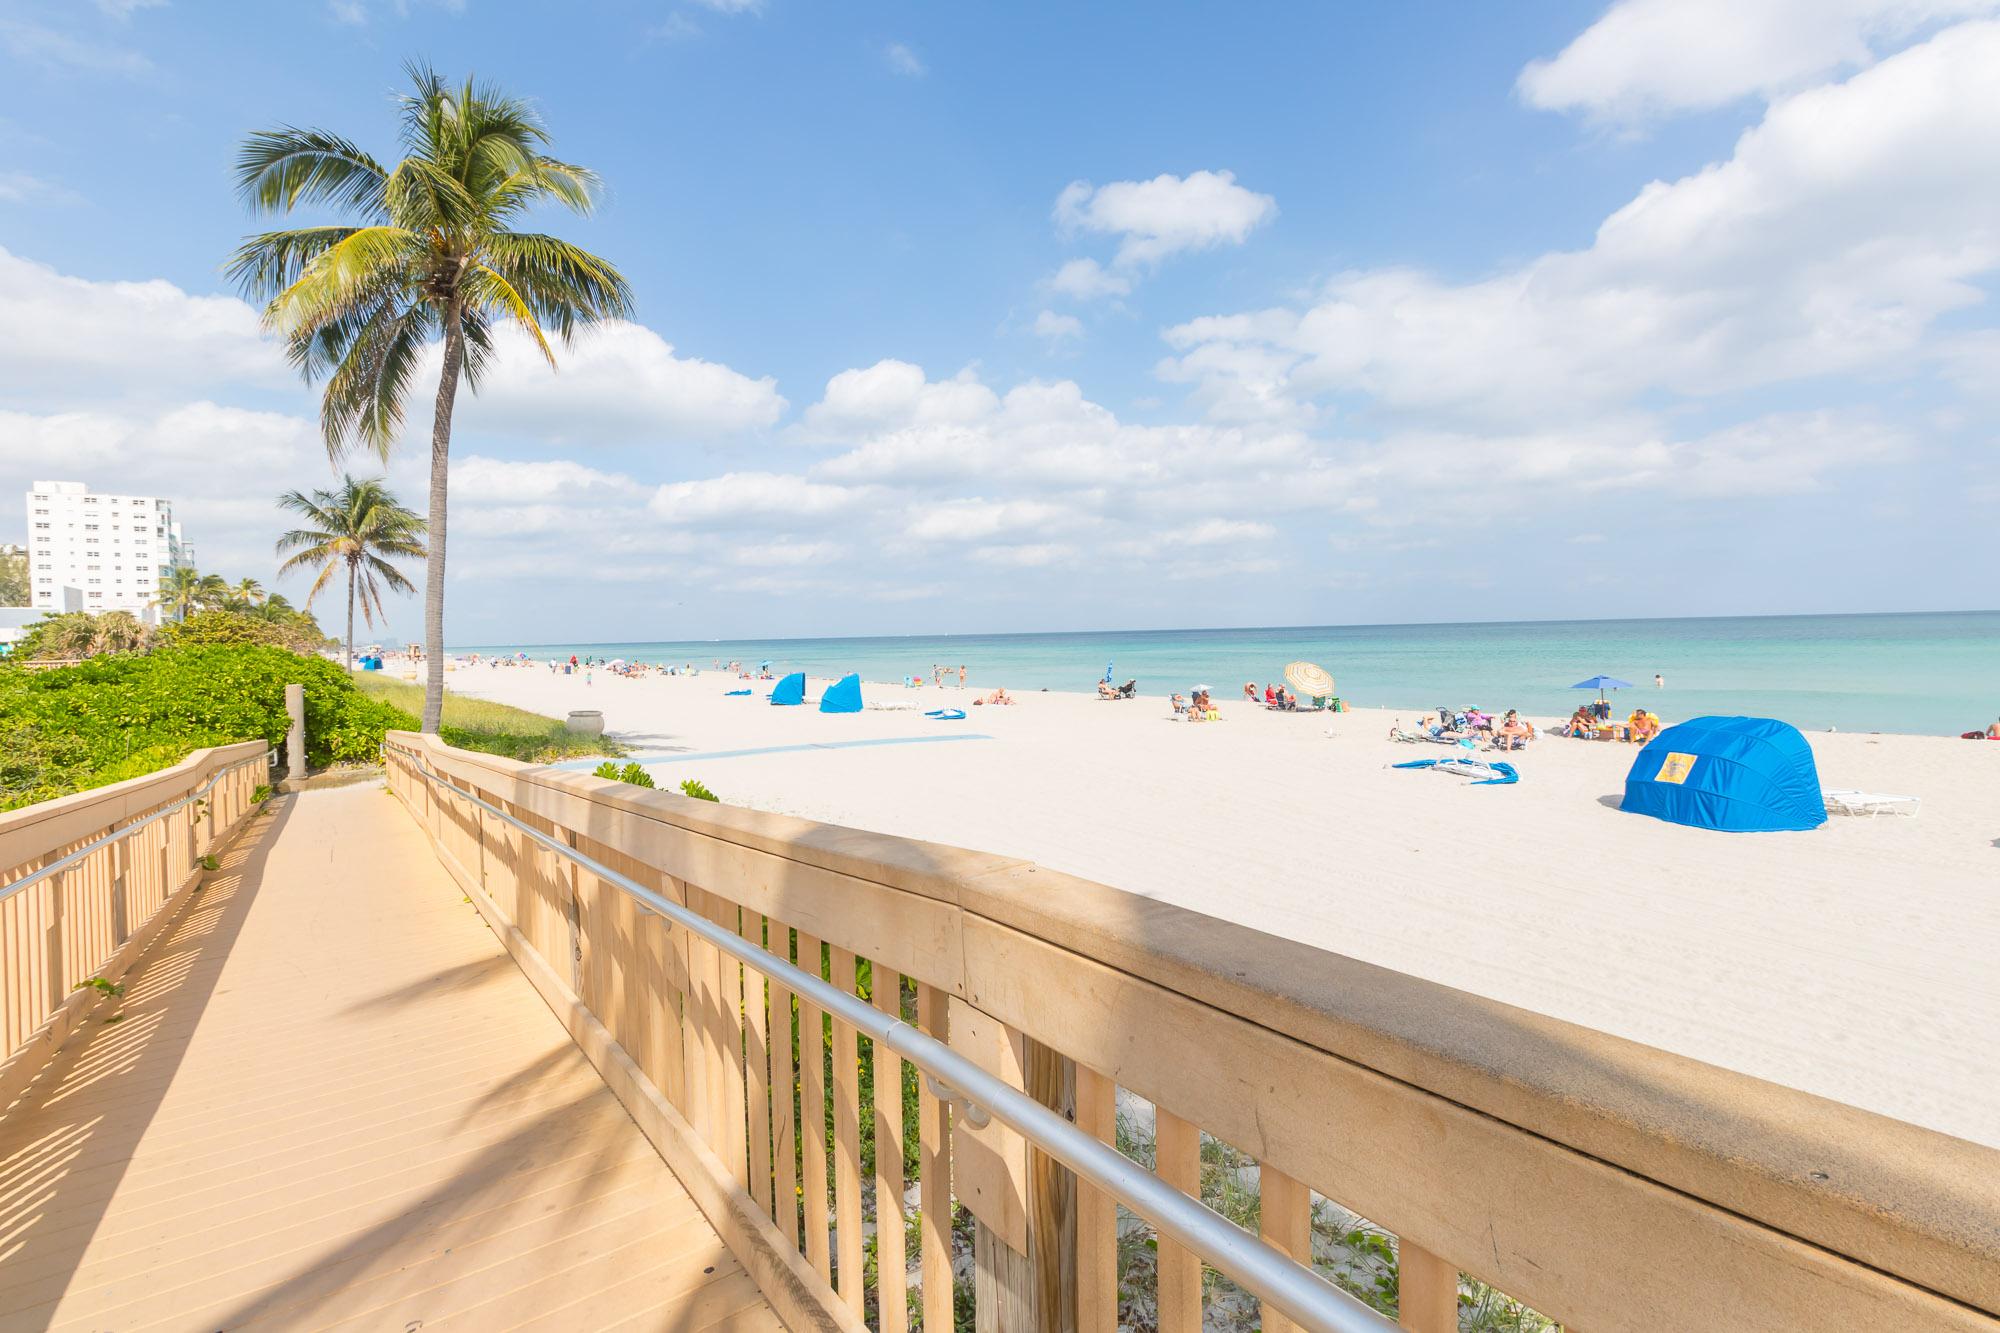 682 Hollywood Beach Ocean View photo 15924035